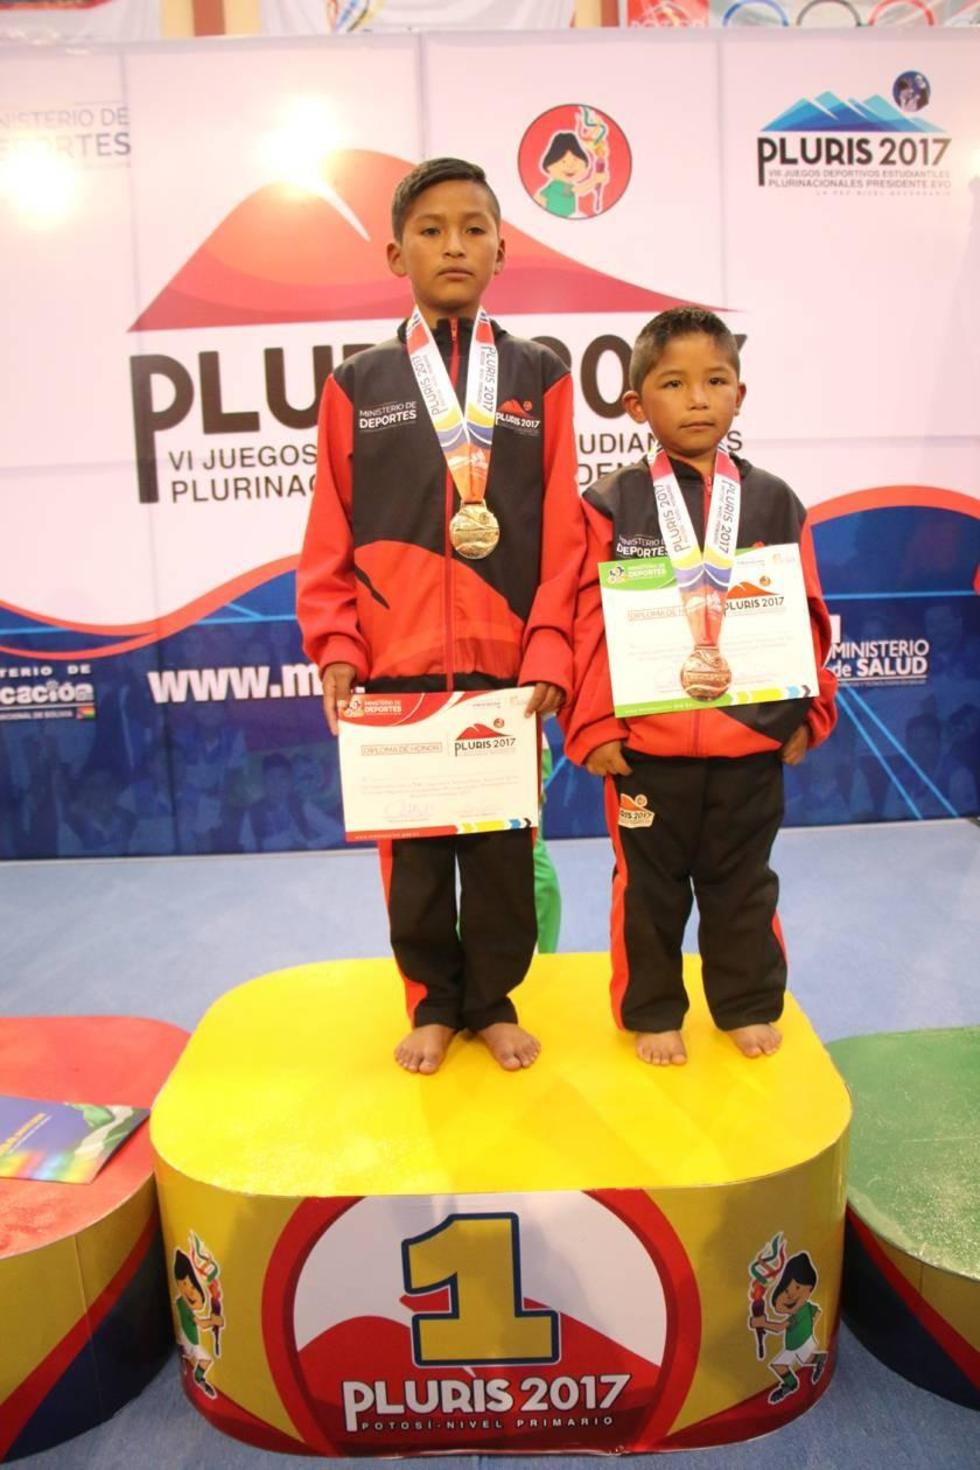 Willy Cardozo Calisaya (oro) y Gadiel Nain Chile Olmos (bronce) en el podio de ganadores.